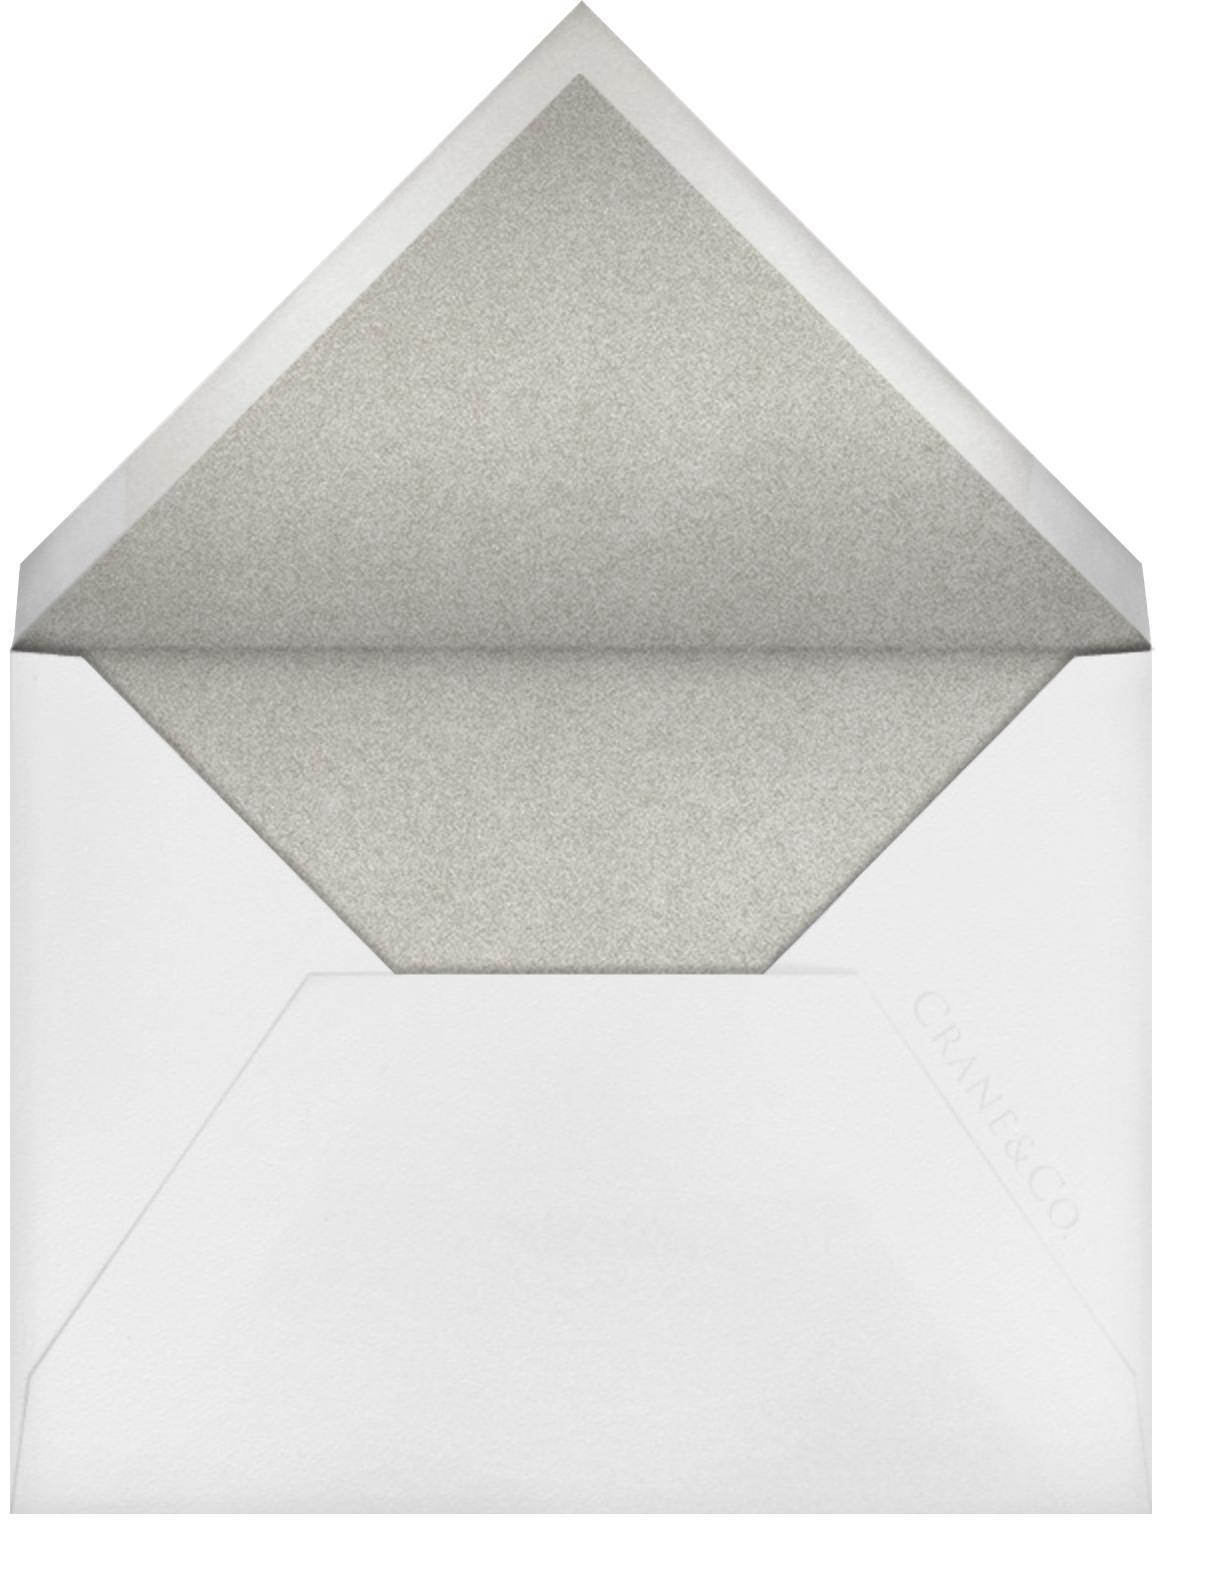 Antique Lace - Platinum - Oscar de la Renta - All - envelope back